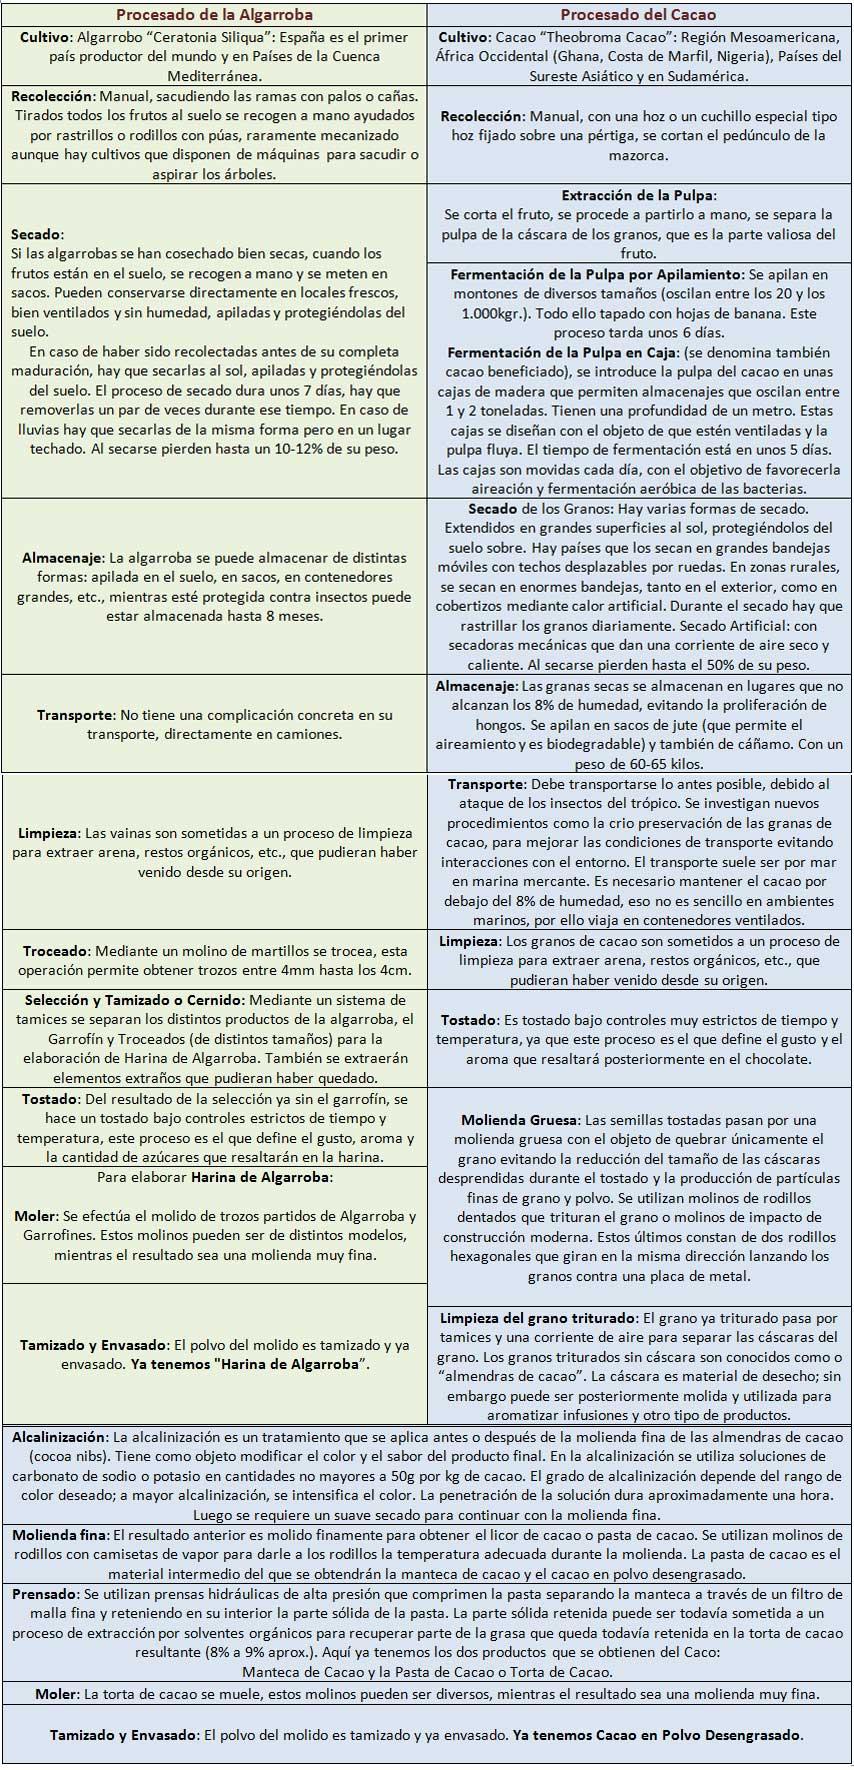 Comparación de los Procesos de Elaboración de la Algarroba y del Cacao